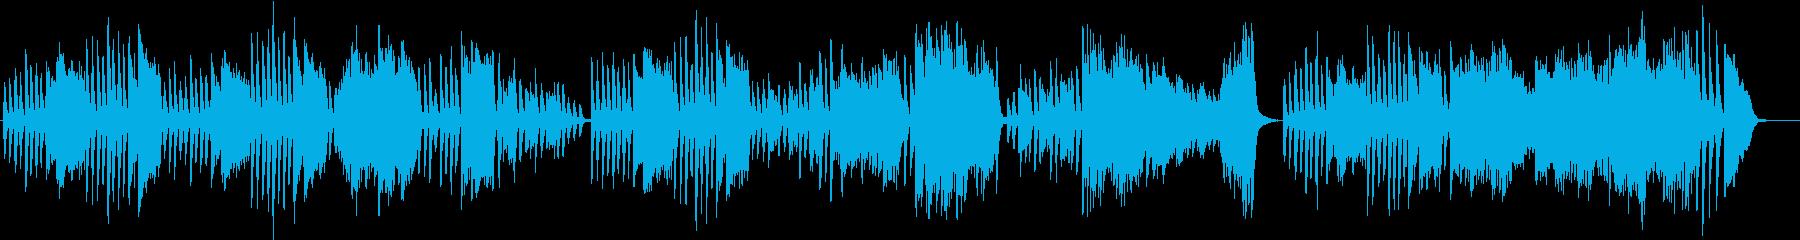 ピアノのレッスンで必ず弾くシンプルな名曲の再生済みの波形